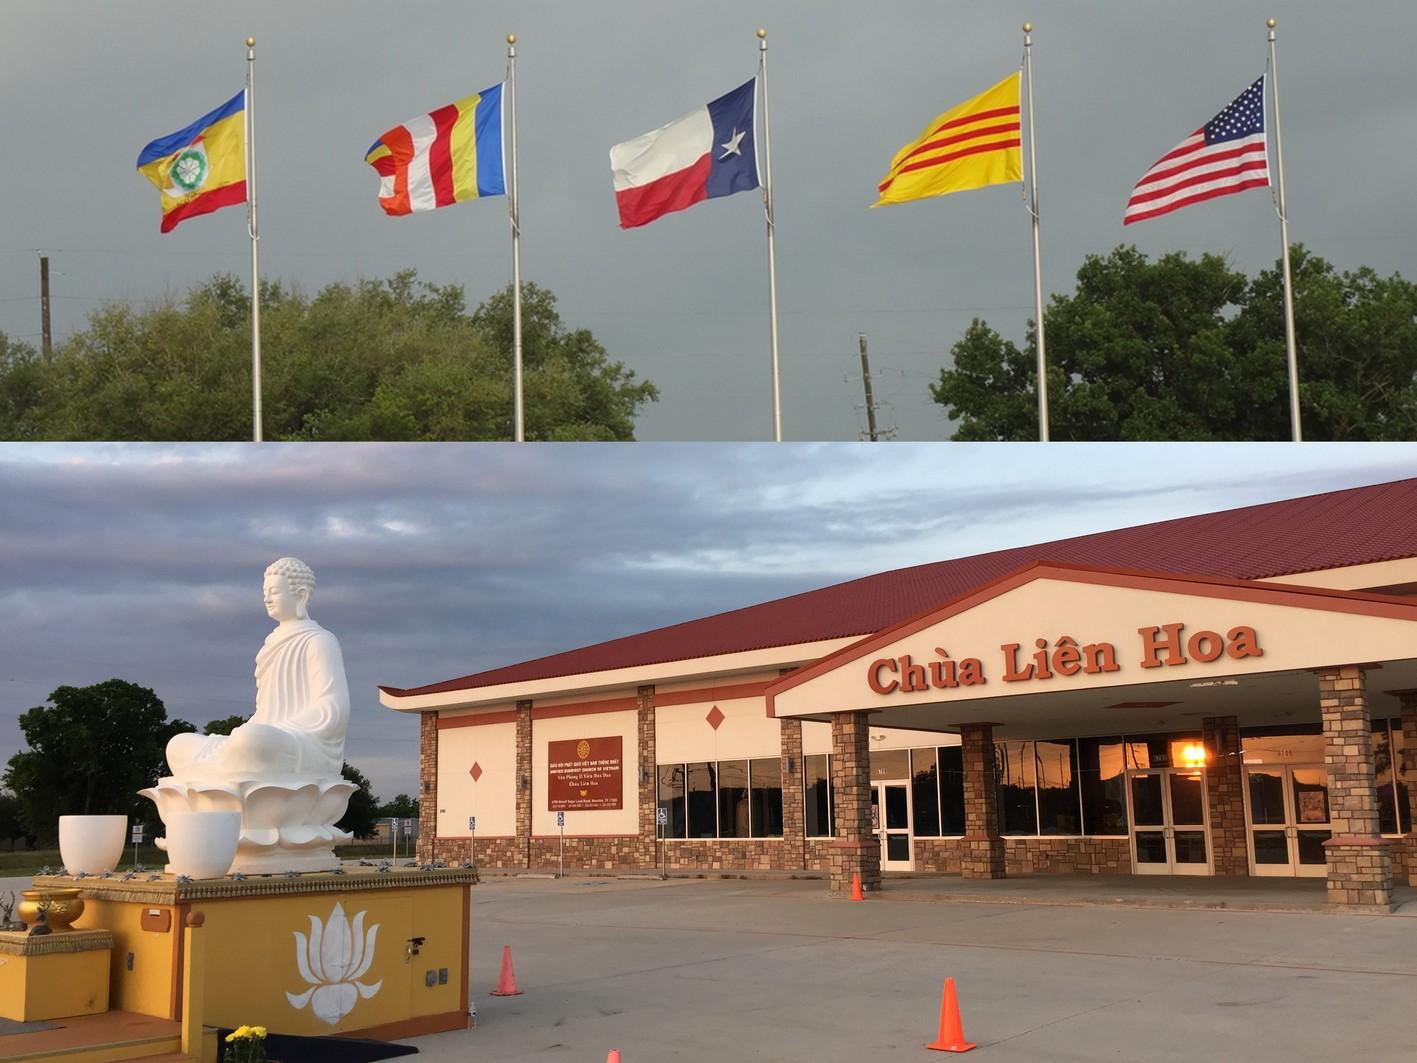 Hội trường Chùa Liên Hoa vừa xây cất xong trước ngày Phật Đản